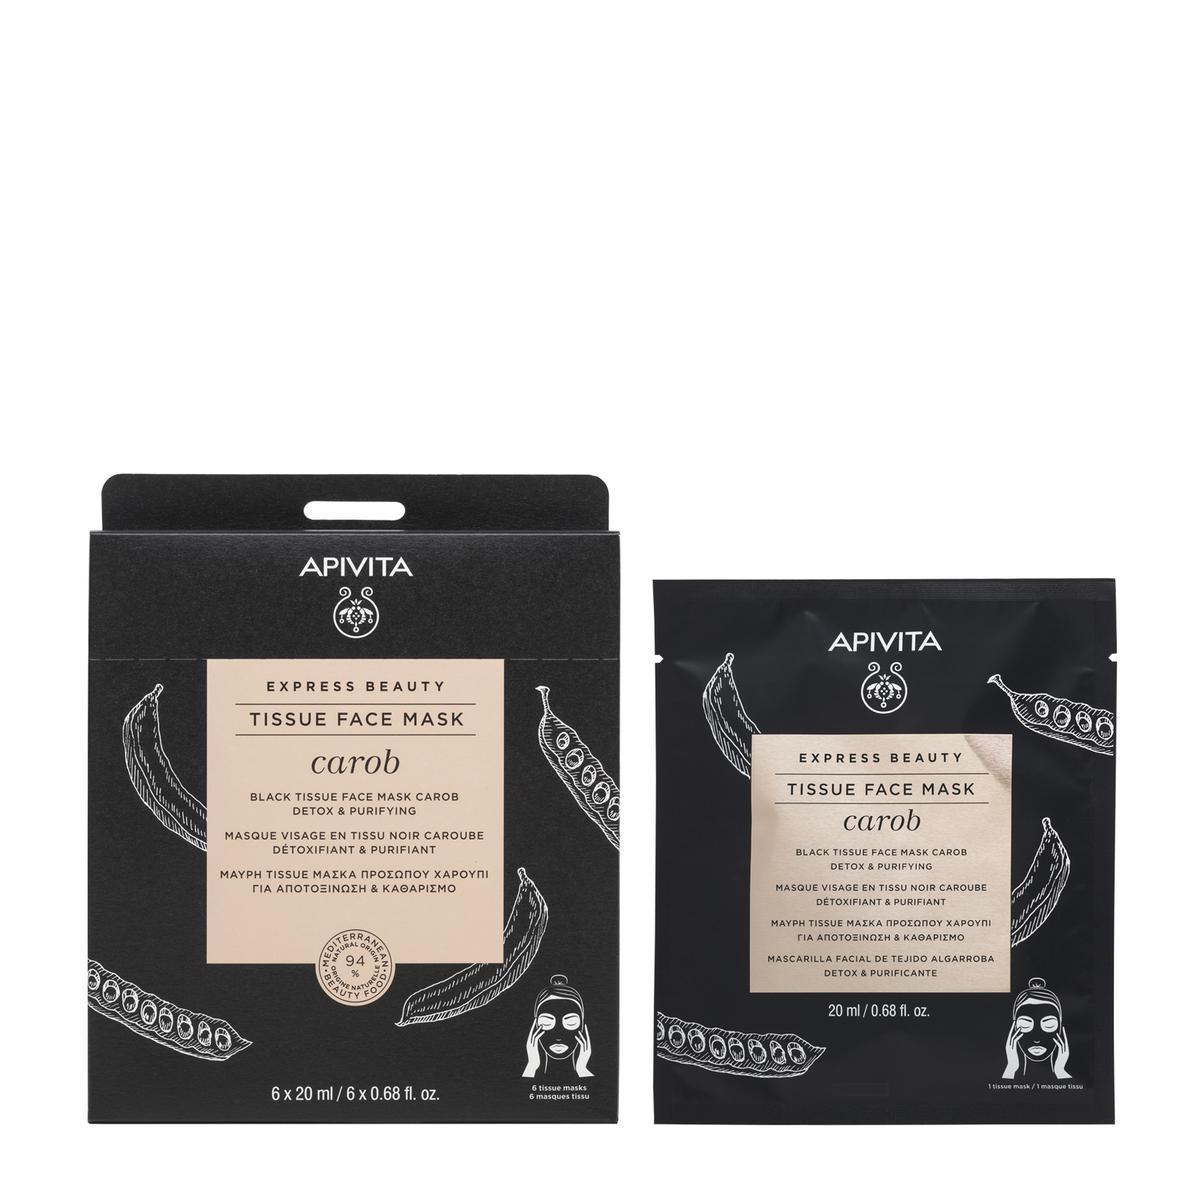 Masque Visage en Tissu Noir Détox & Purifiant à la Caroube 20ml